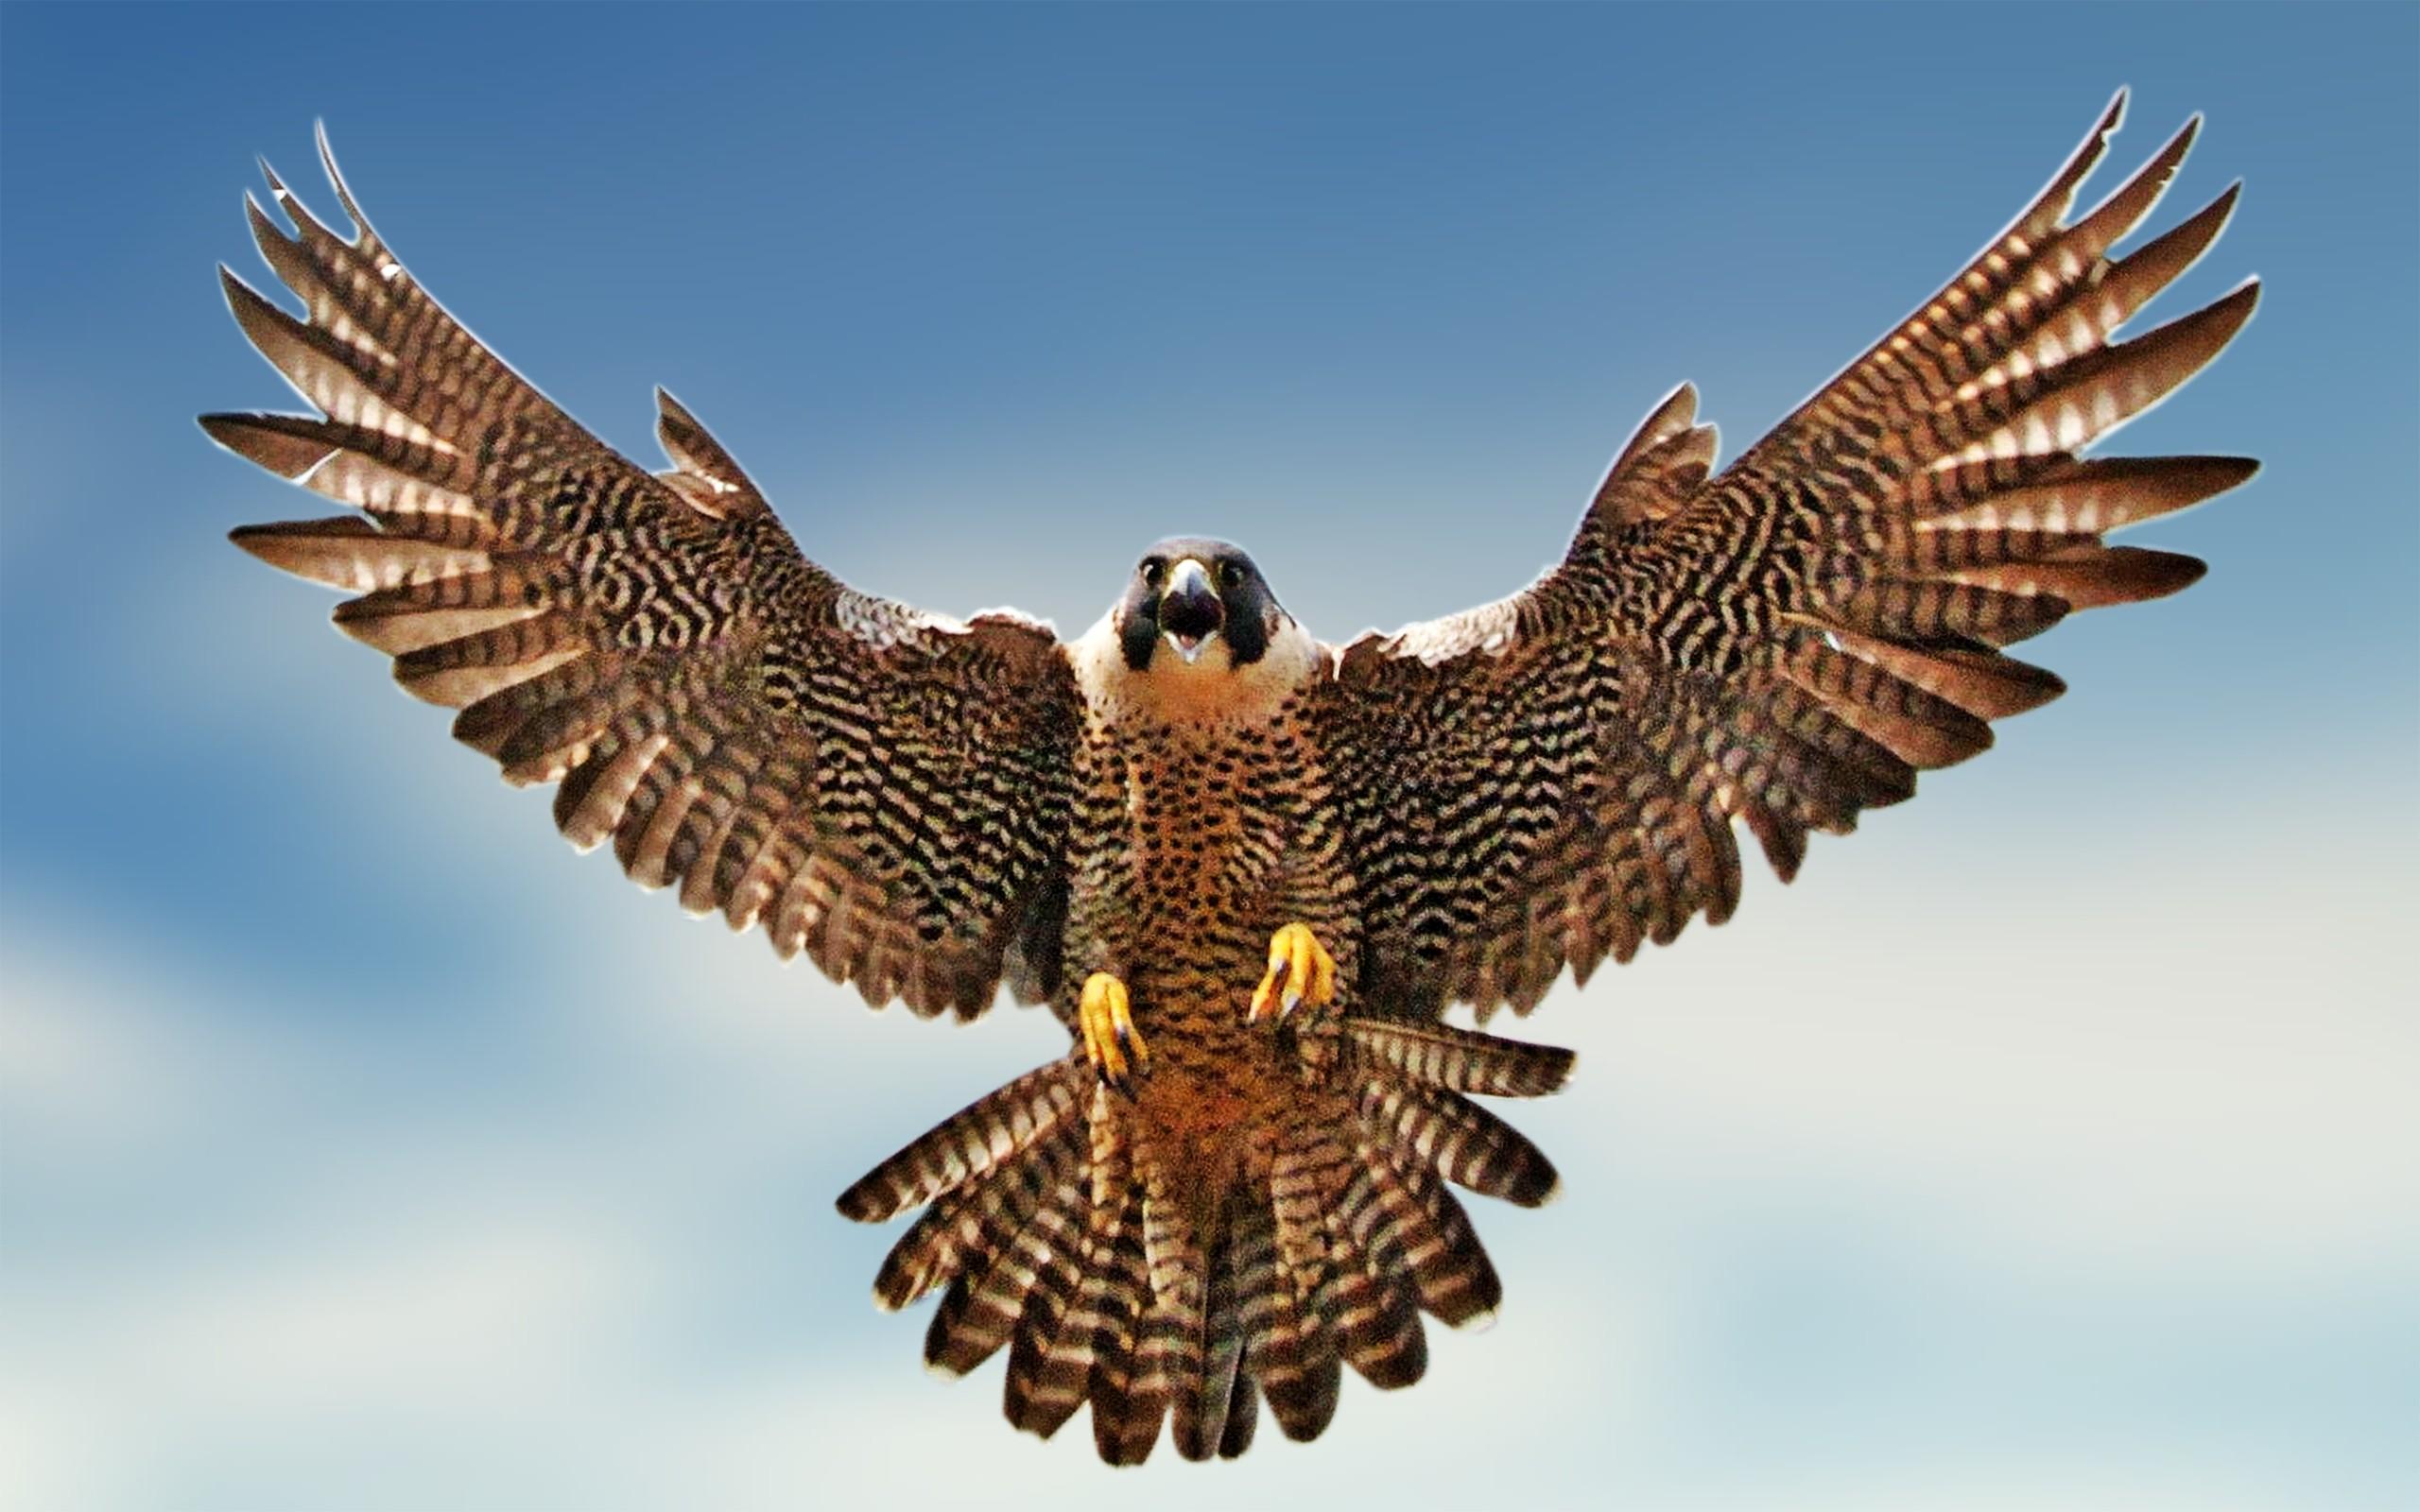 Falcon graphic - photo#6